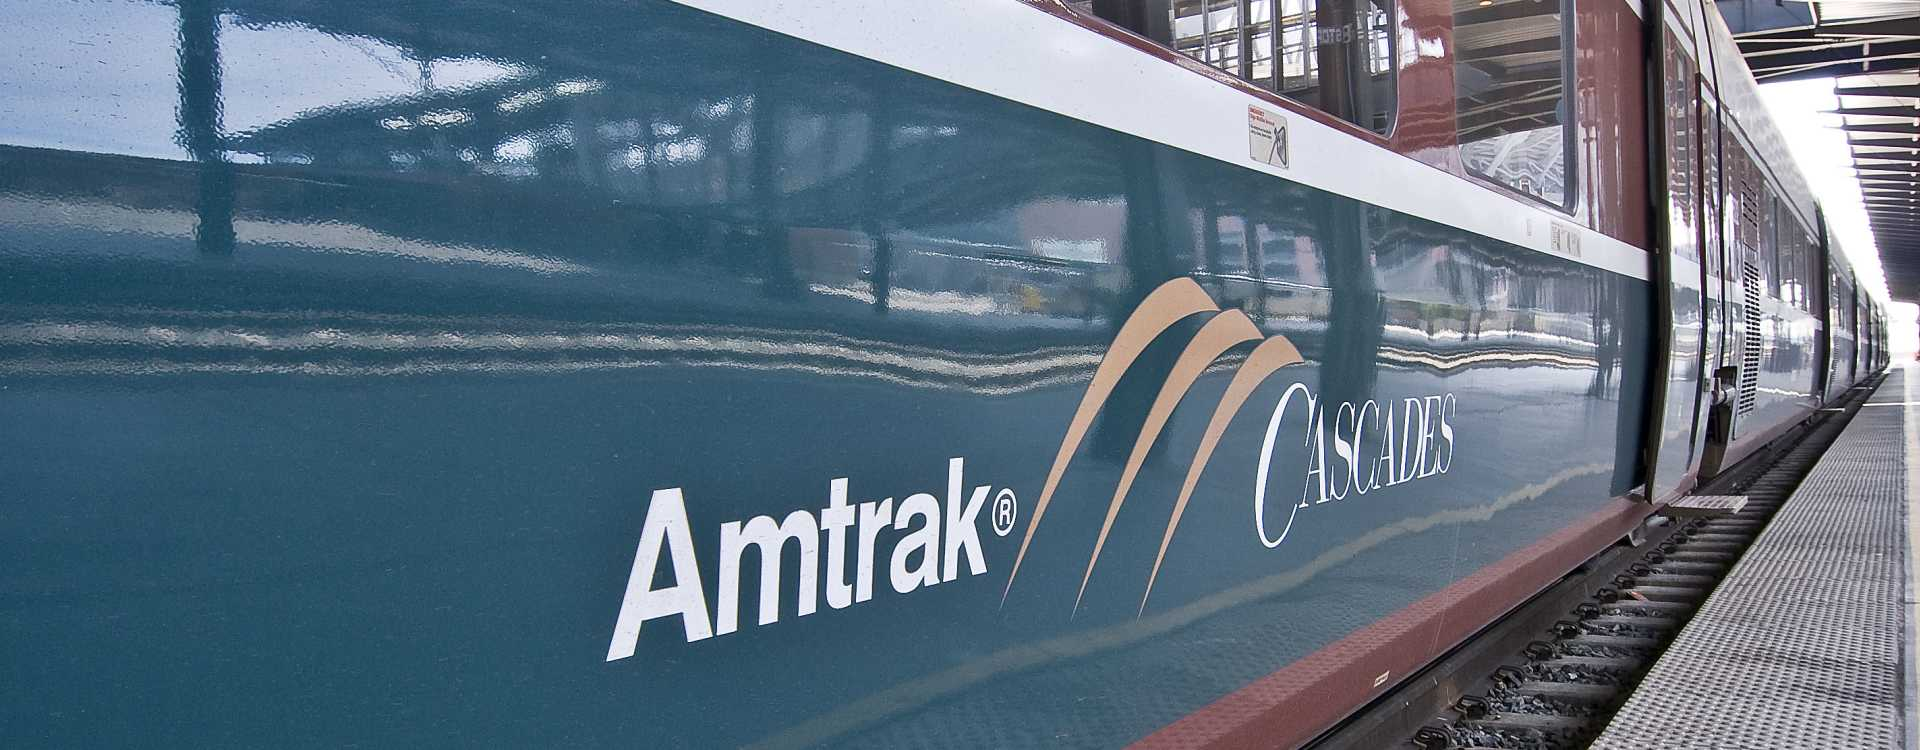 Amtrak_Cascades-3.jpg